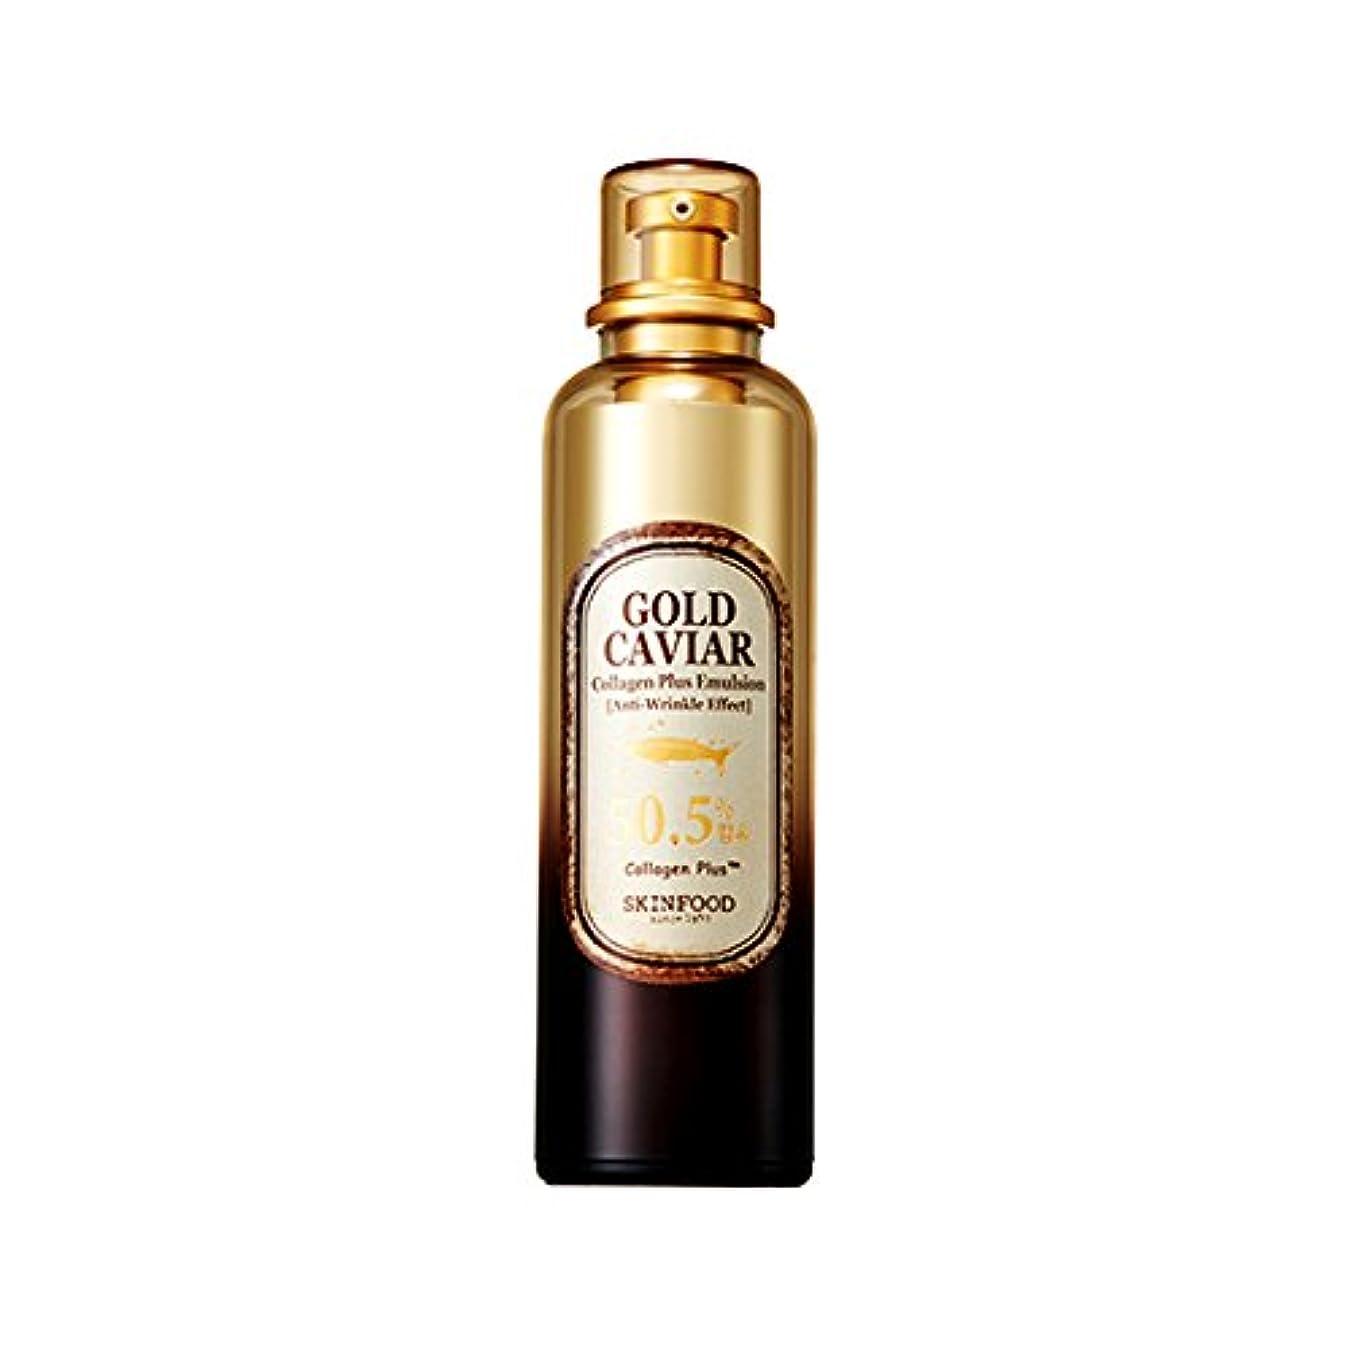 再現する警戒赤道Skinfood ゴールドキャビアコラーゲンプラスエマルジョン/Gold Caviar Collagen Plus Emulsion 120ml [並行輸入品]